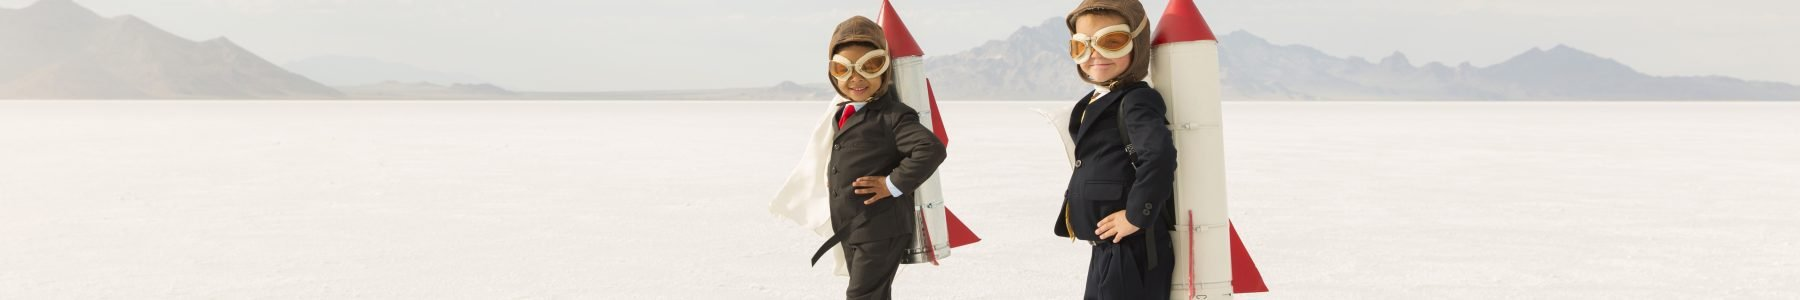 Zwei Kinder mit Raketenantrieb - ©RichVintage - iStock.com